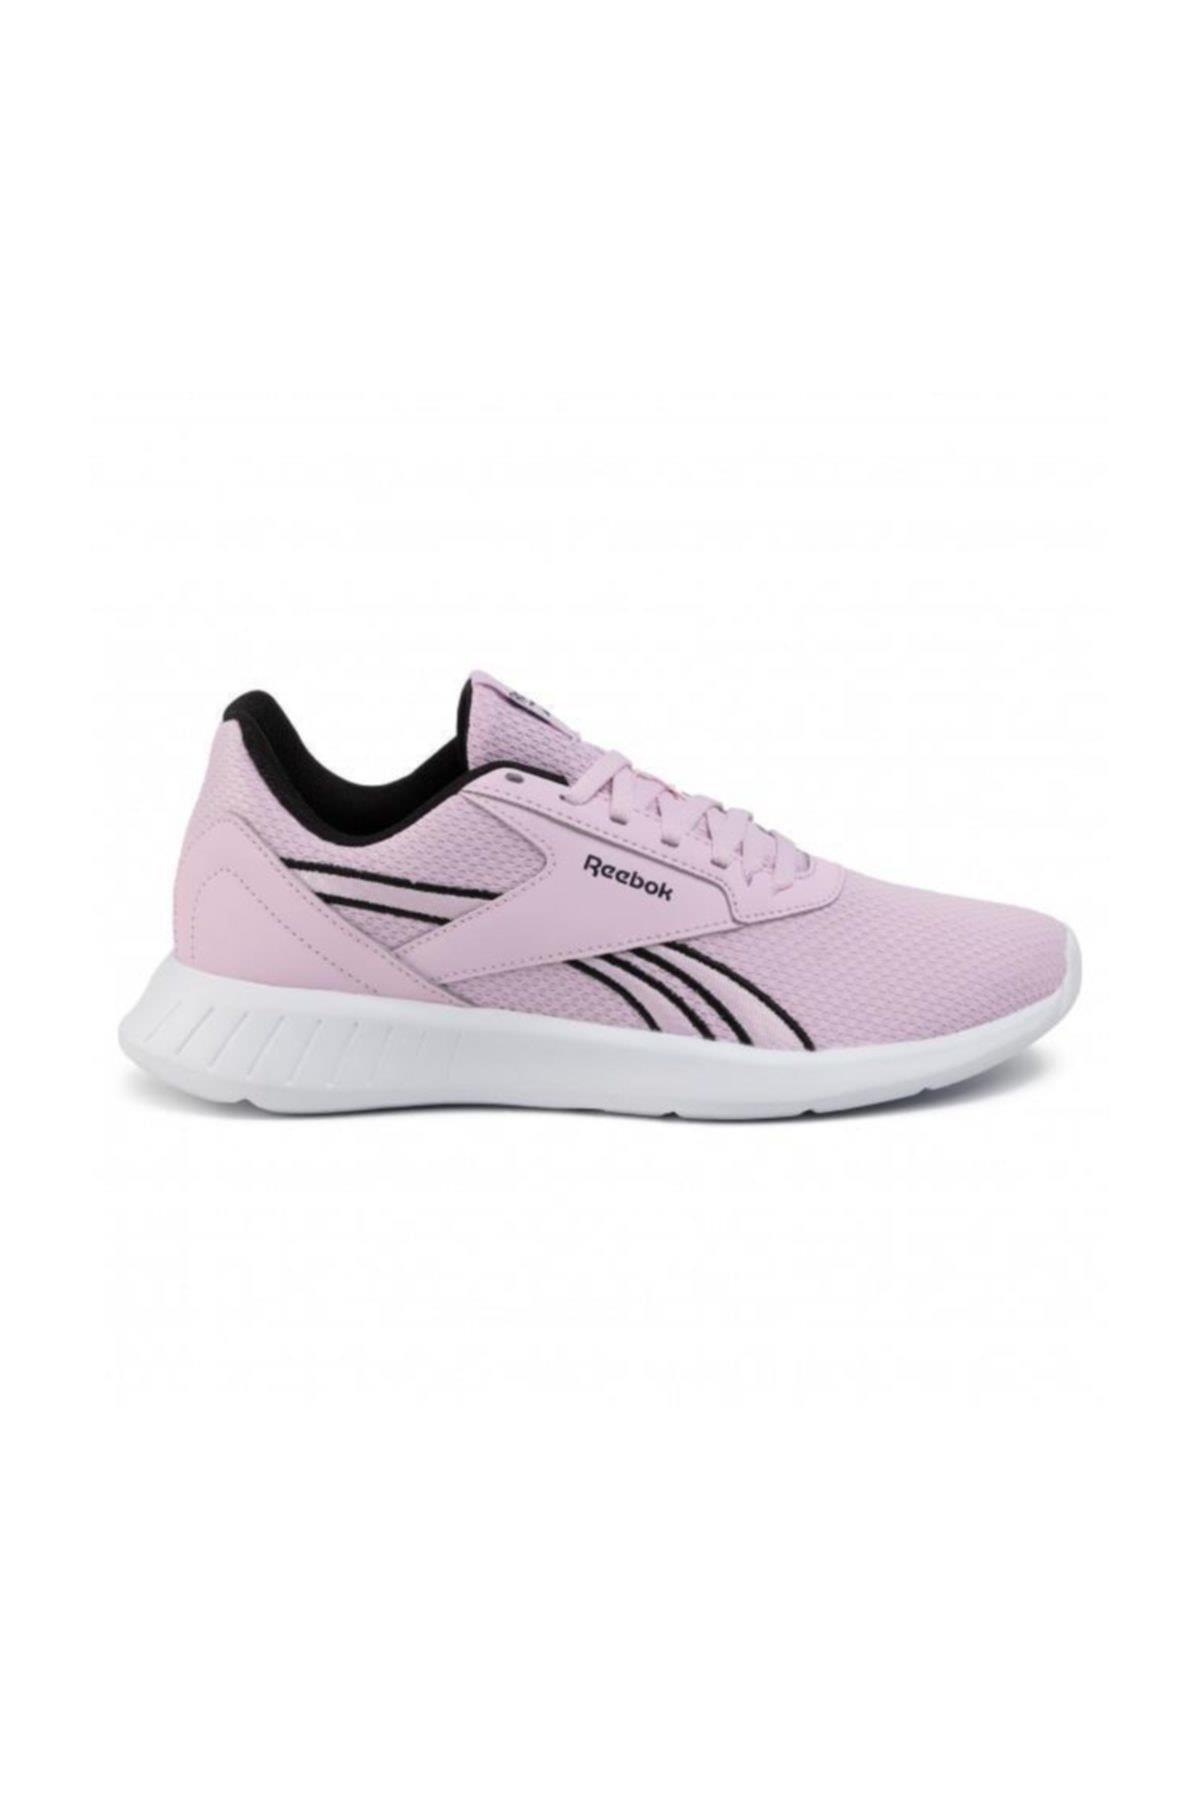 Reebok LITE 2.0 Pembe Kadın Koşu Ayakkabısı 100531489 1